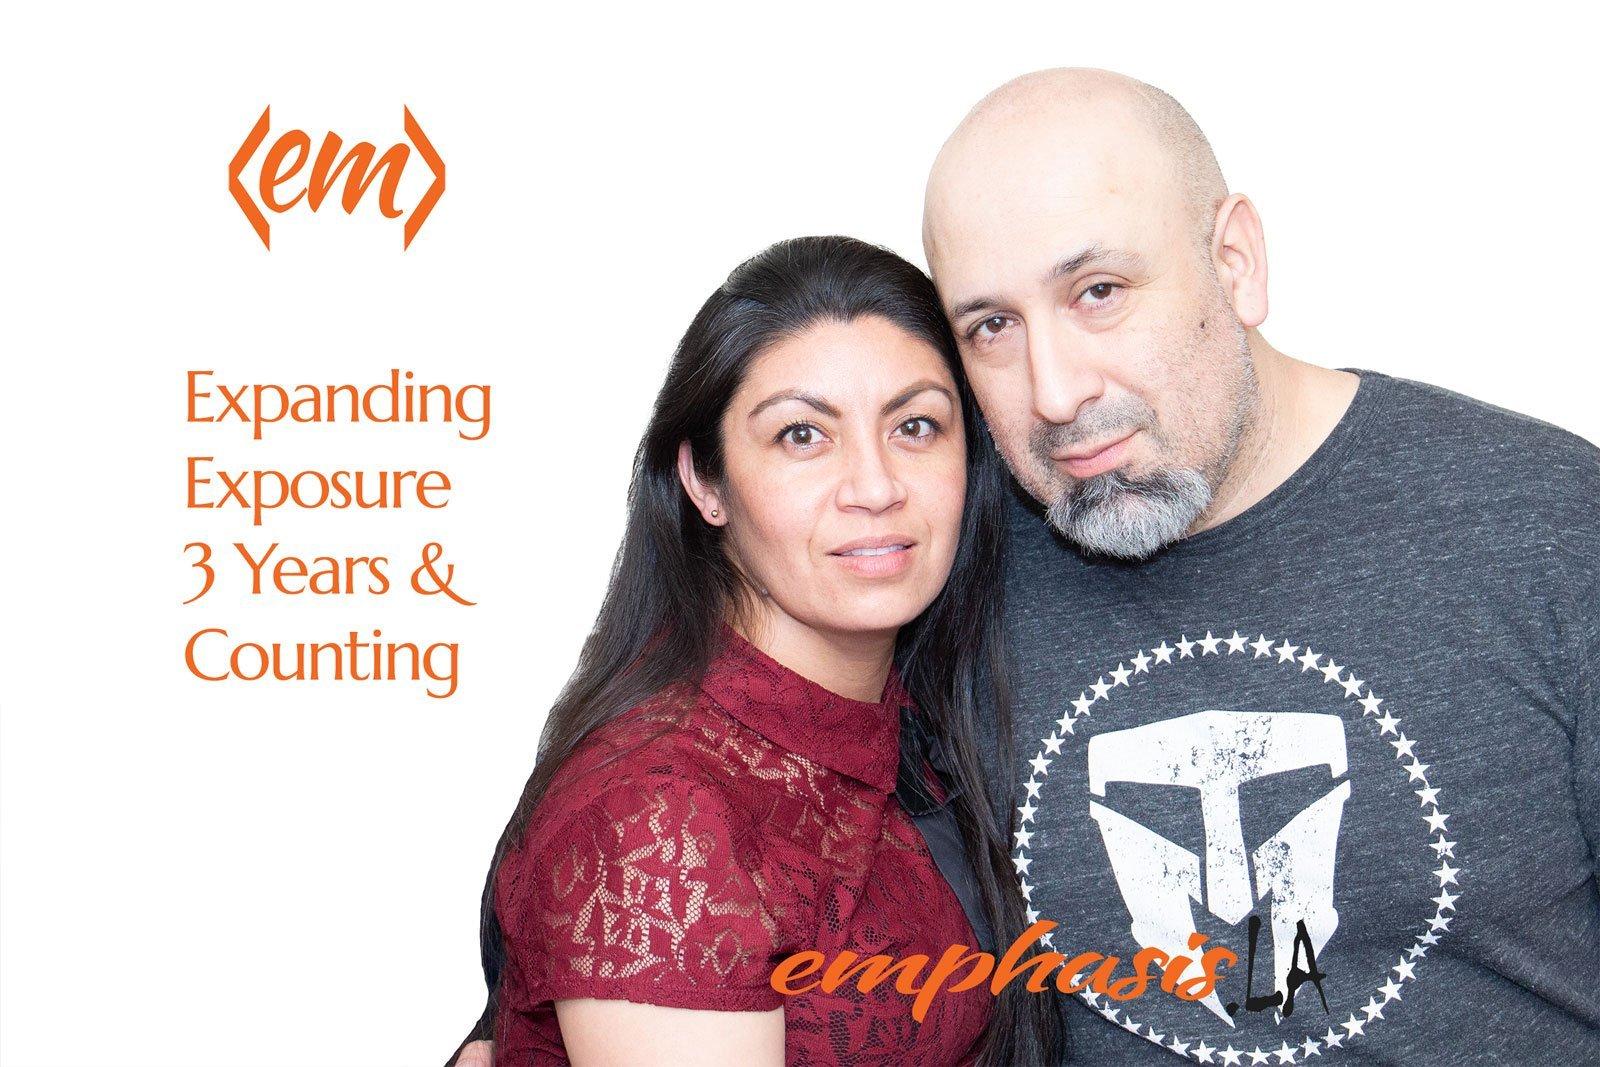 Jason Orellana & Josie Sandi of Emphasis.LA